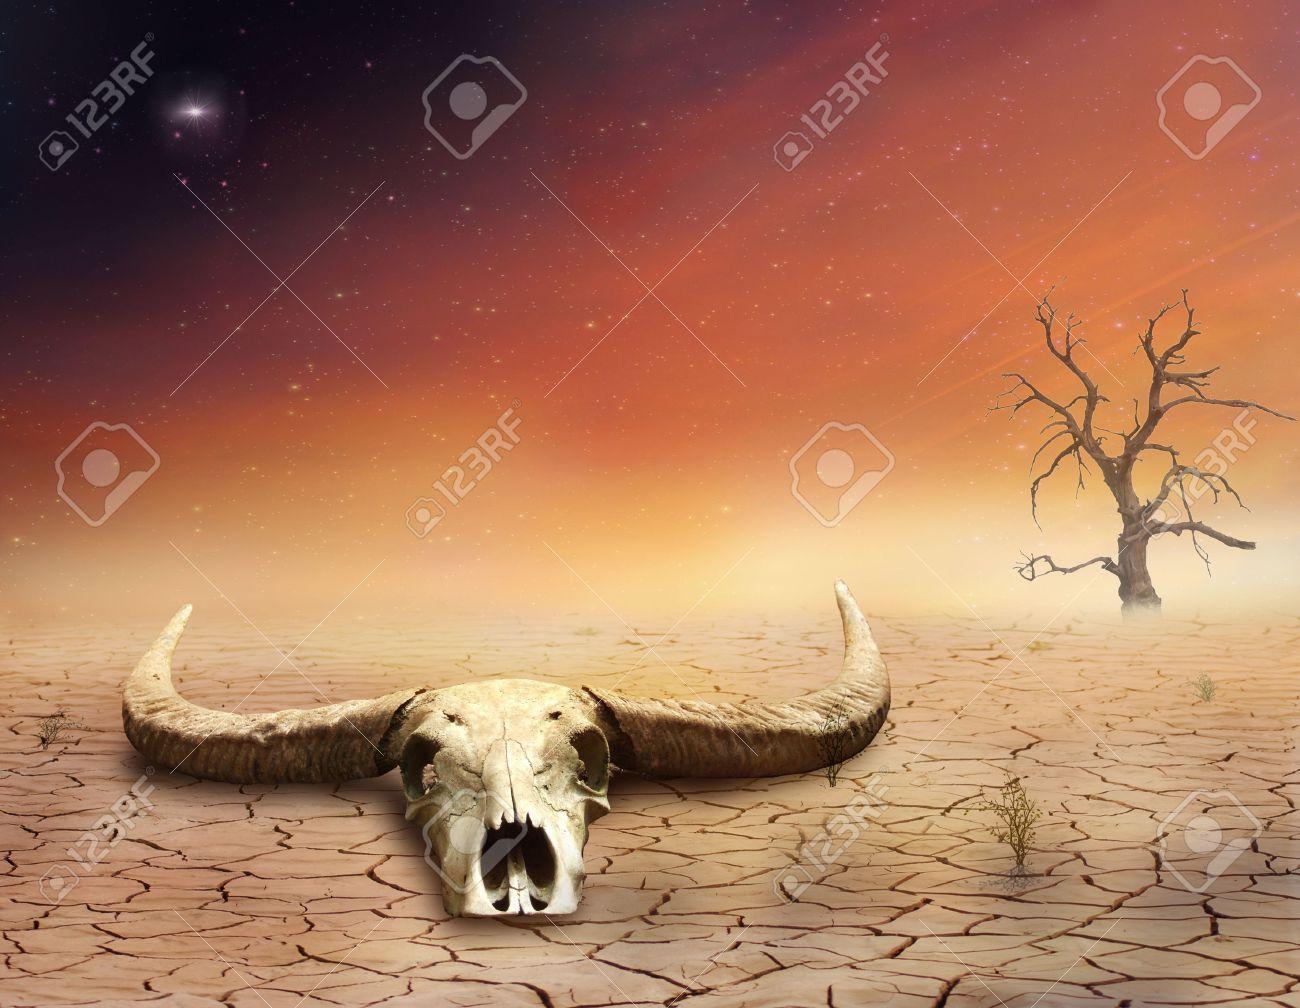 Bull skull in the desert - 27613751